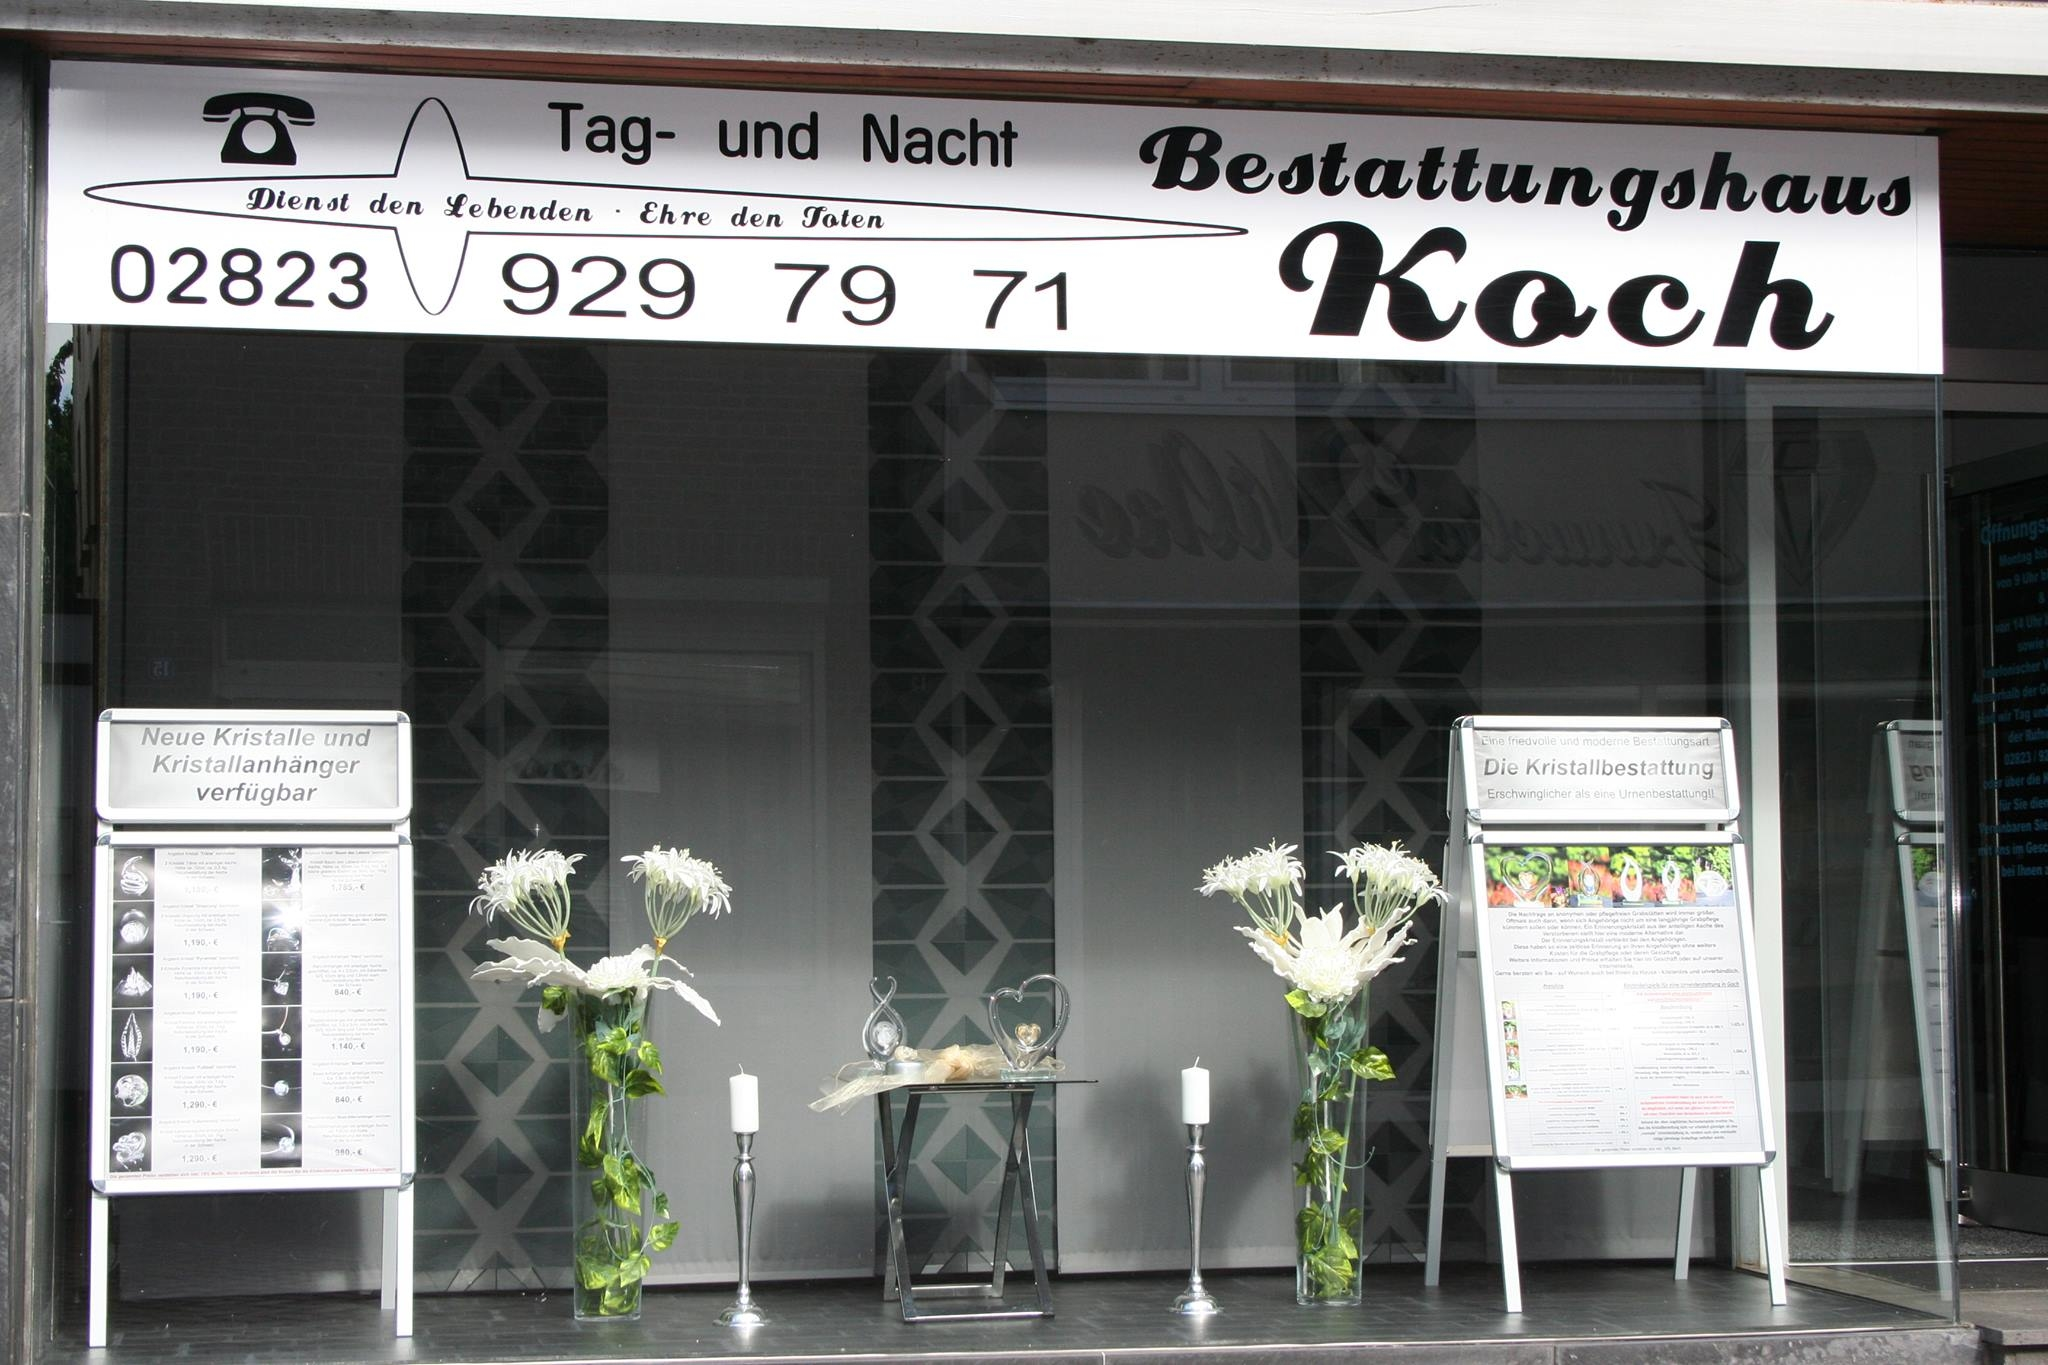 Bestattungshaus koch in goch branchenbuch deutschland for Koch deutschland